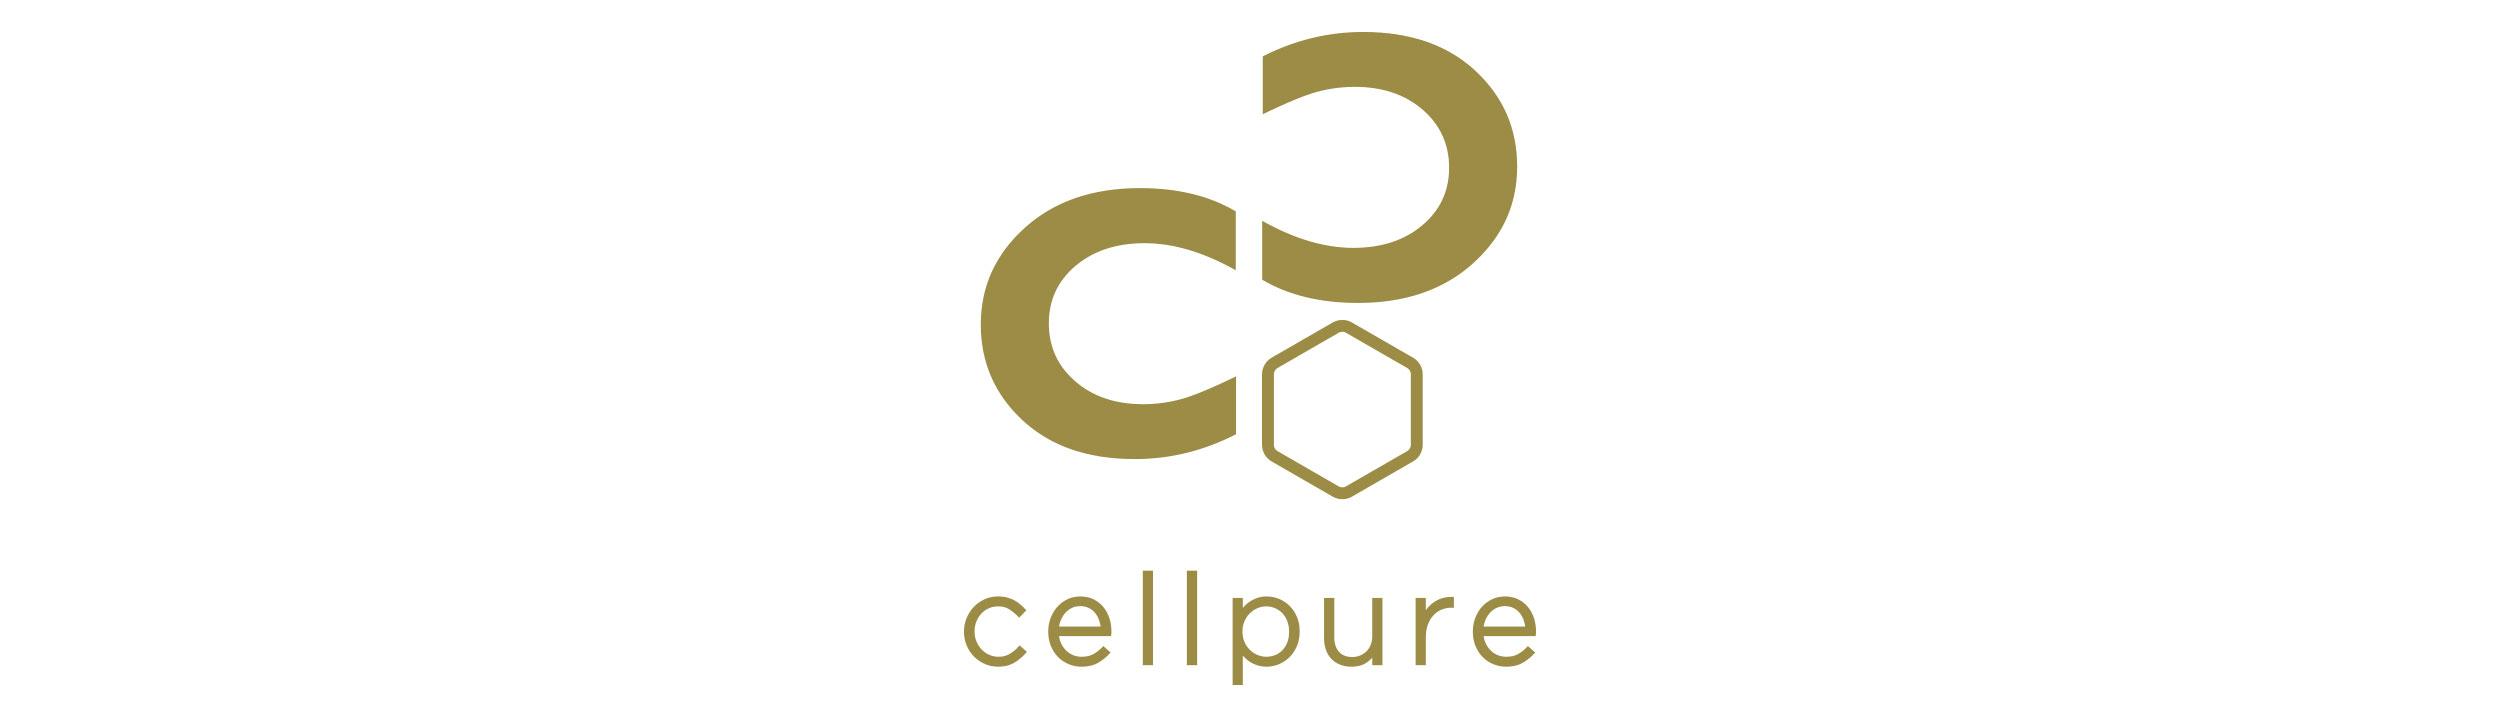 cellpure-logo